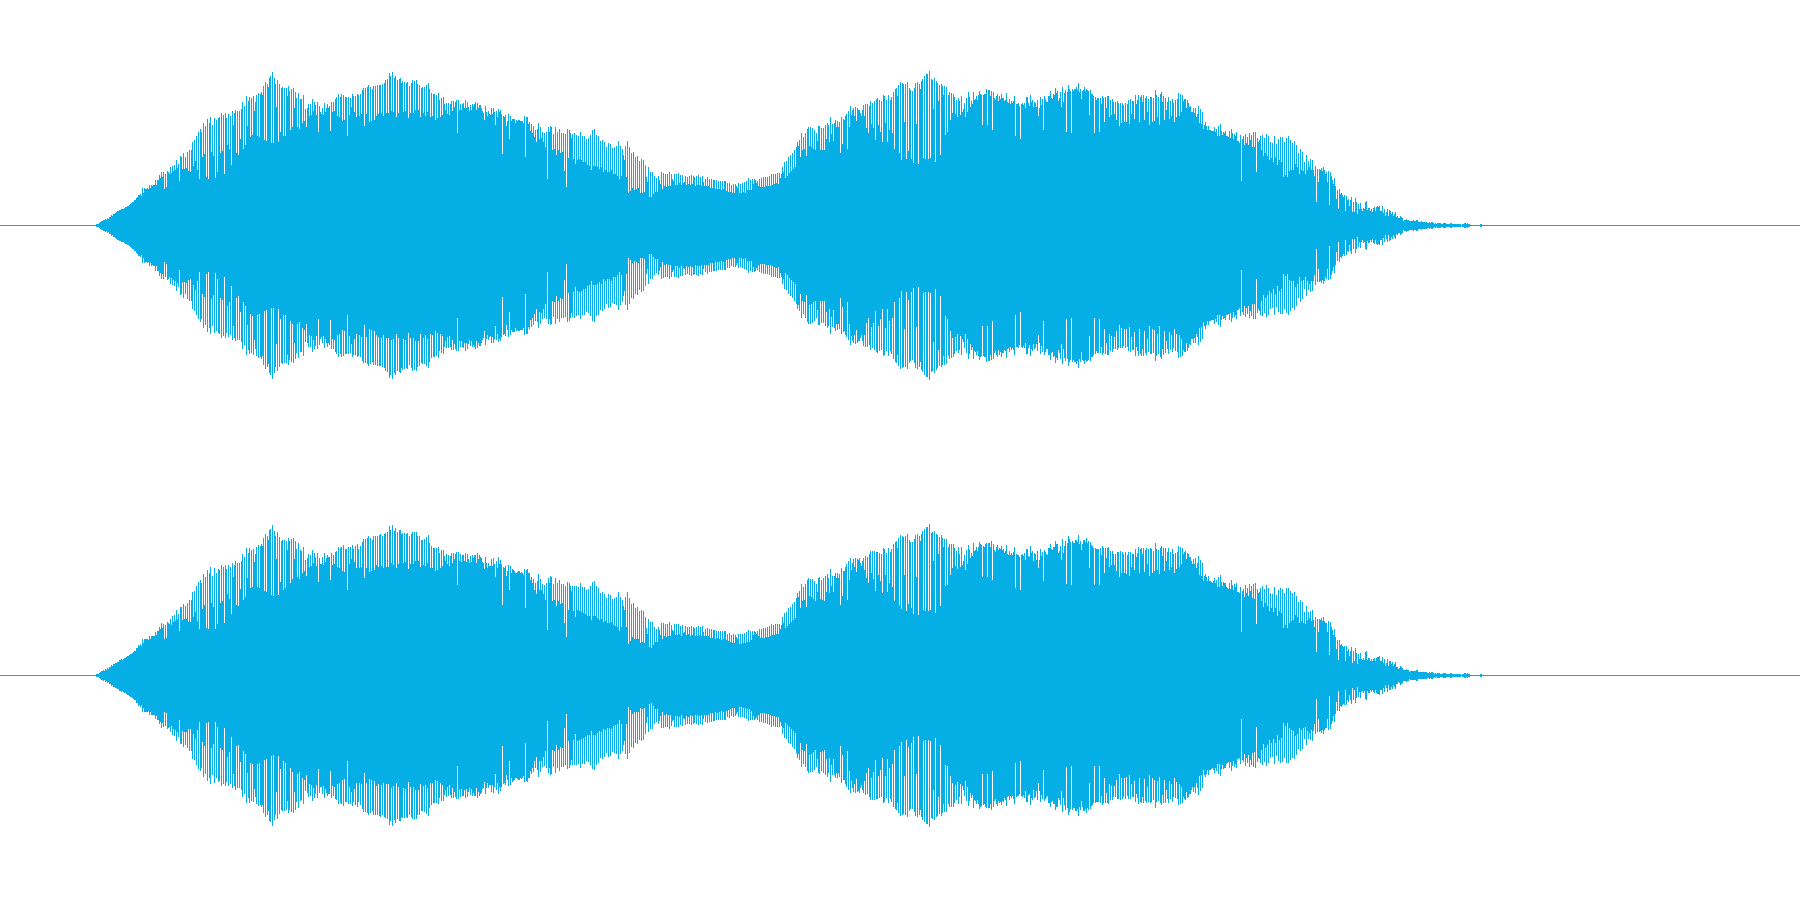 にゃーにゃー!の再生済みの波形